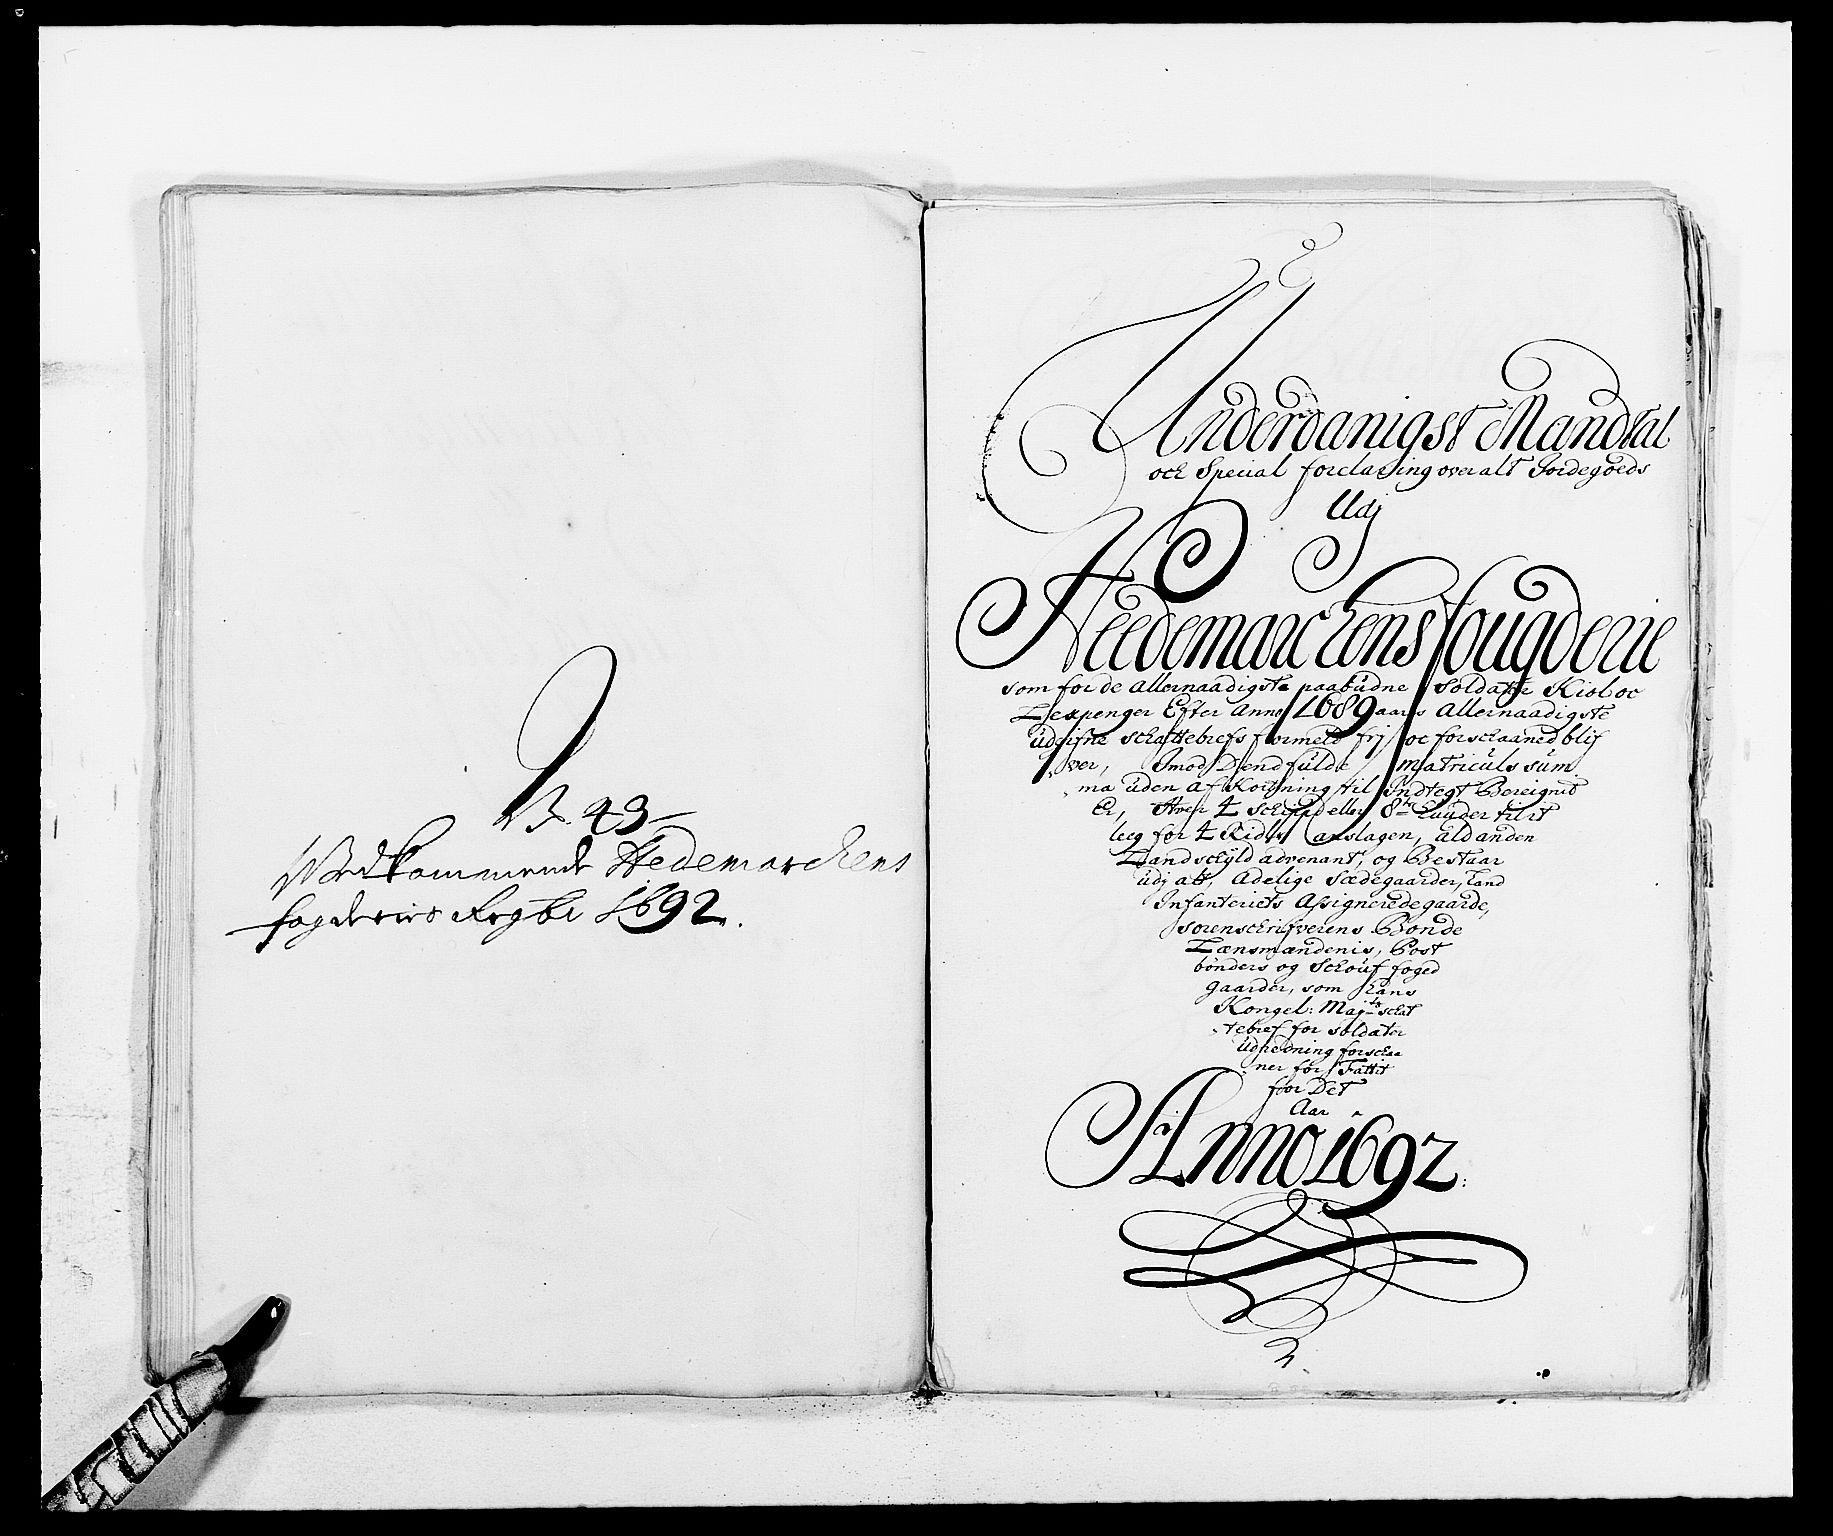 RA, Rentekammeret inntil 1814, Reviderte regnskaper, Fogderegnskap, R16/L1032: Fogderegnskap Hedmark, 1689-1692, s. 144